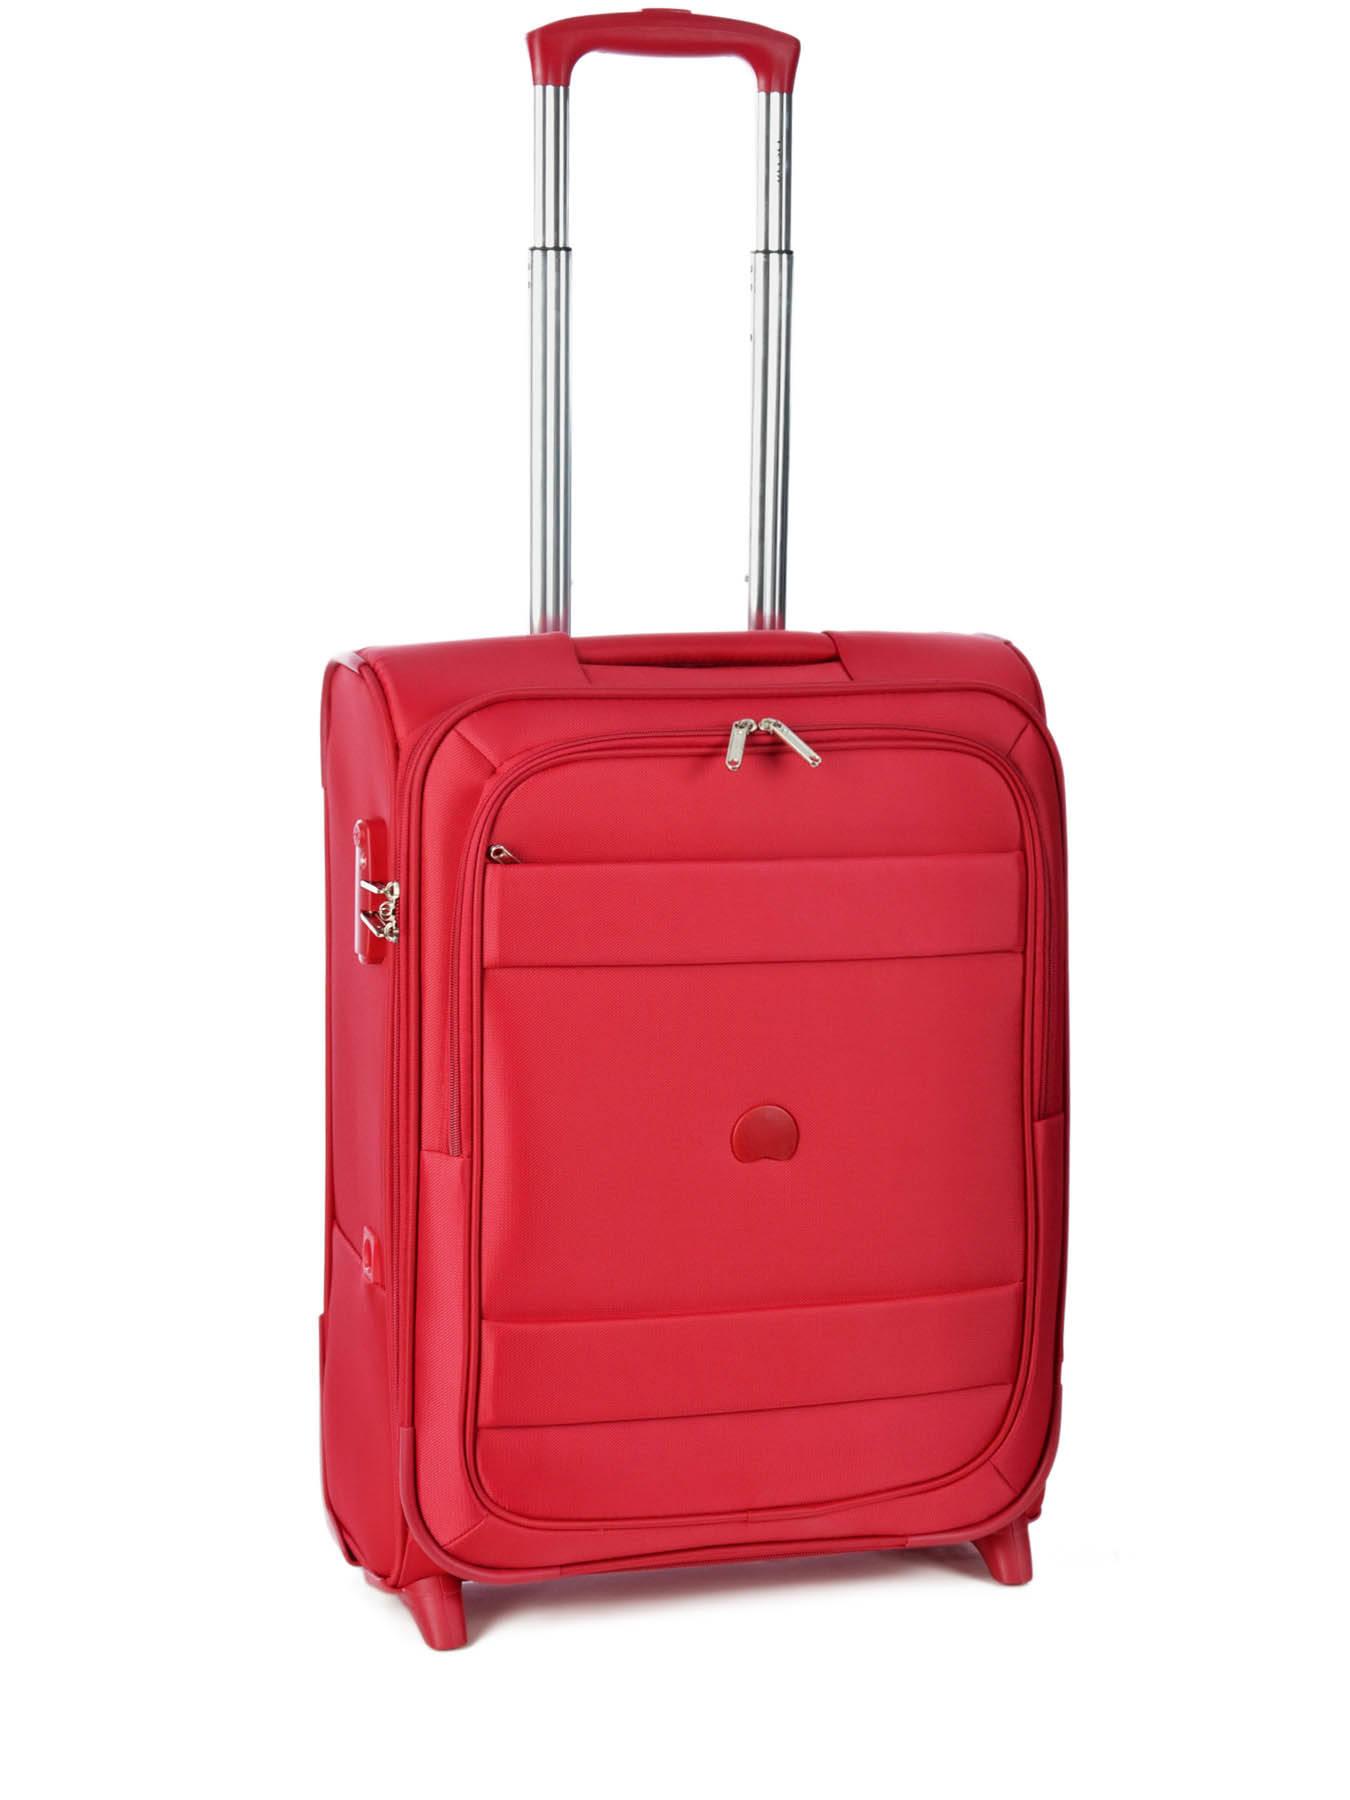 Valise cabine Delsey Indiscrete rouge en vente au meilleur prix - Valise Rouge